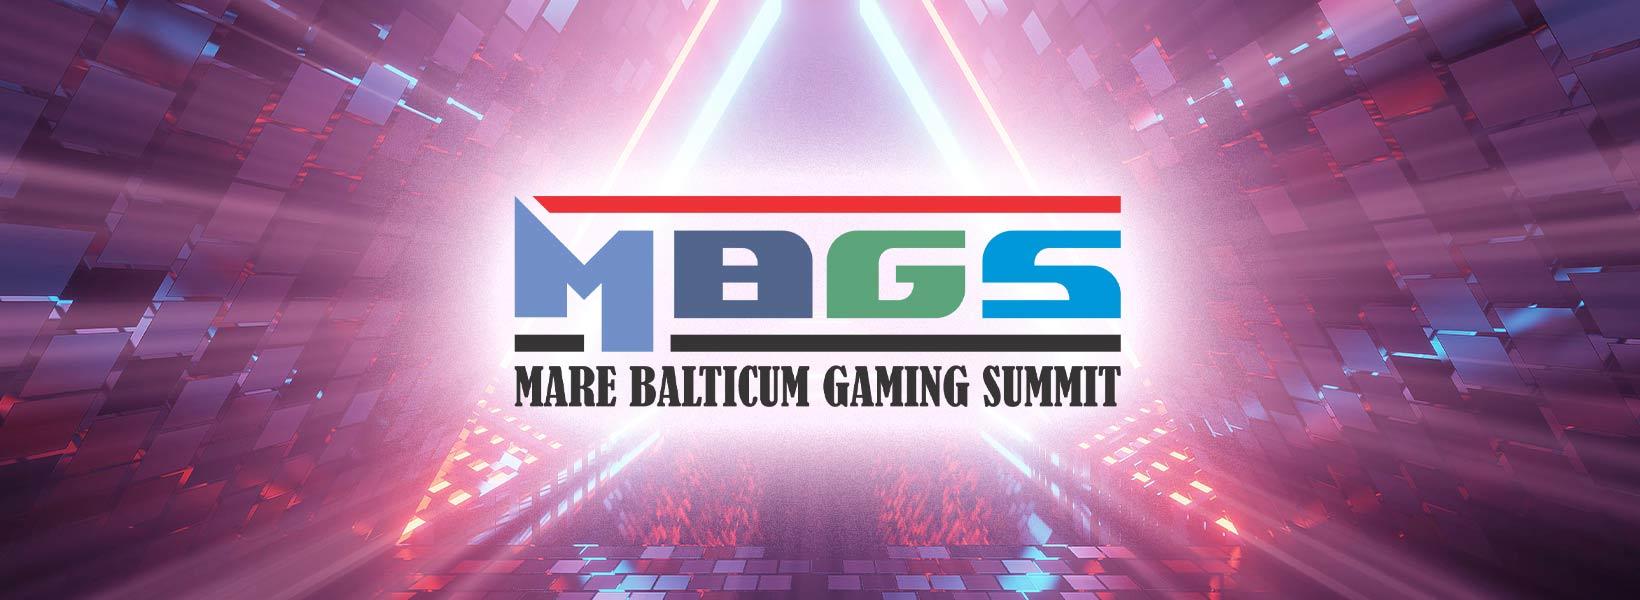 MARE BALTICUM Gaming Summit 2021